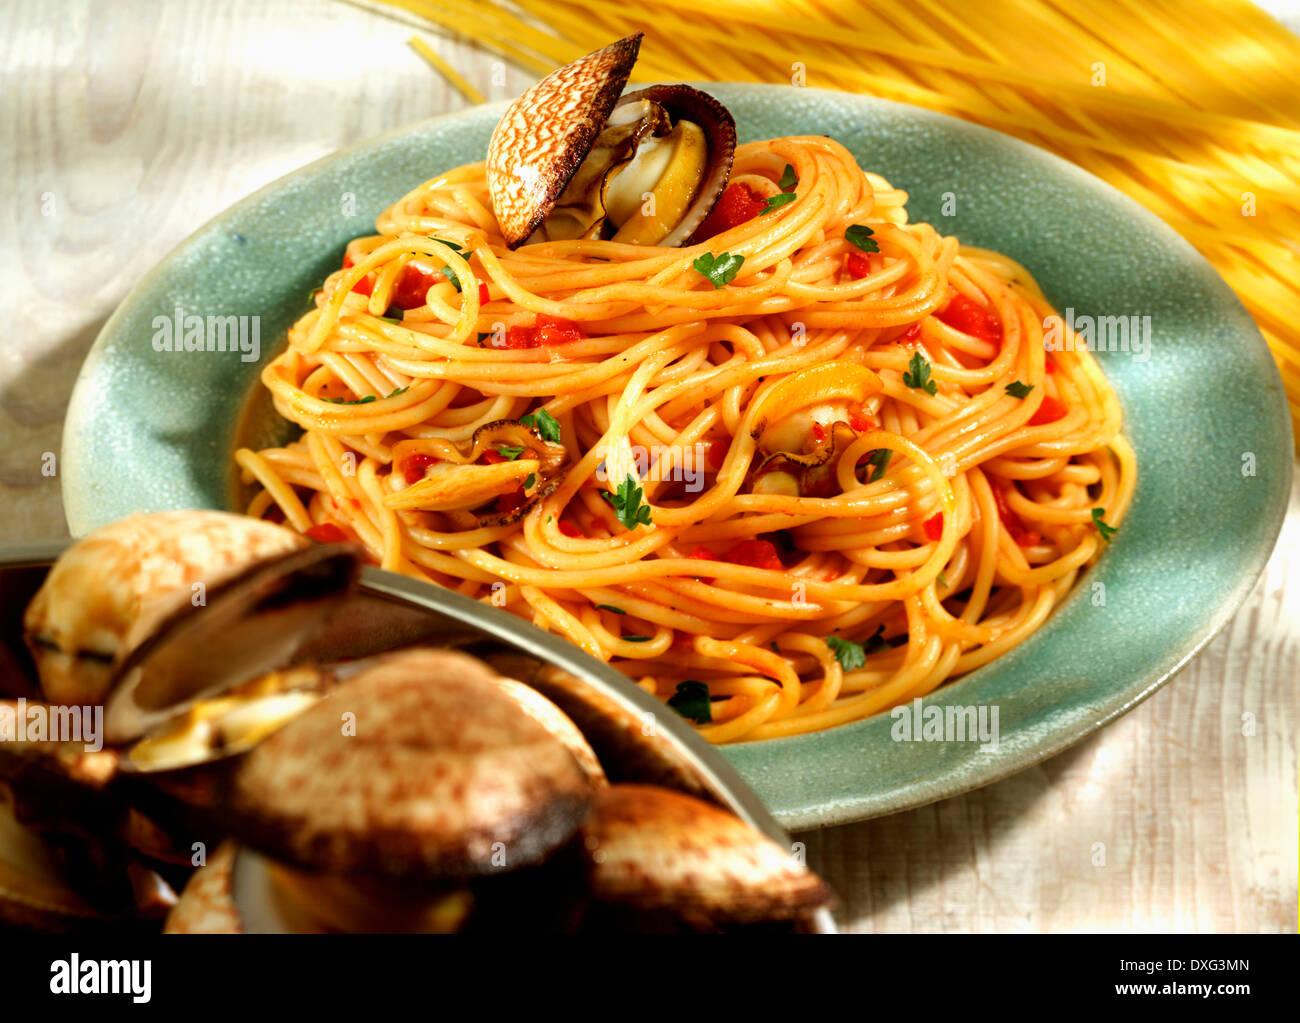 Assiette de spaghetti aux palourdes Maison Photo Stock